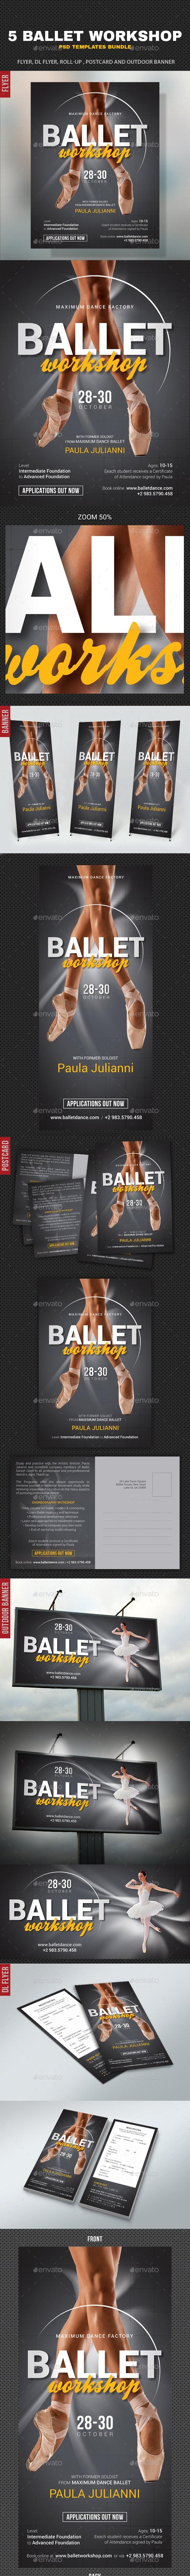 Ballet Workshop Bundle - Signage Print Templates